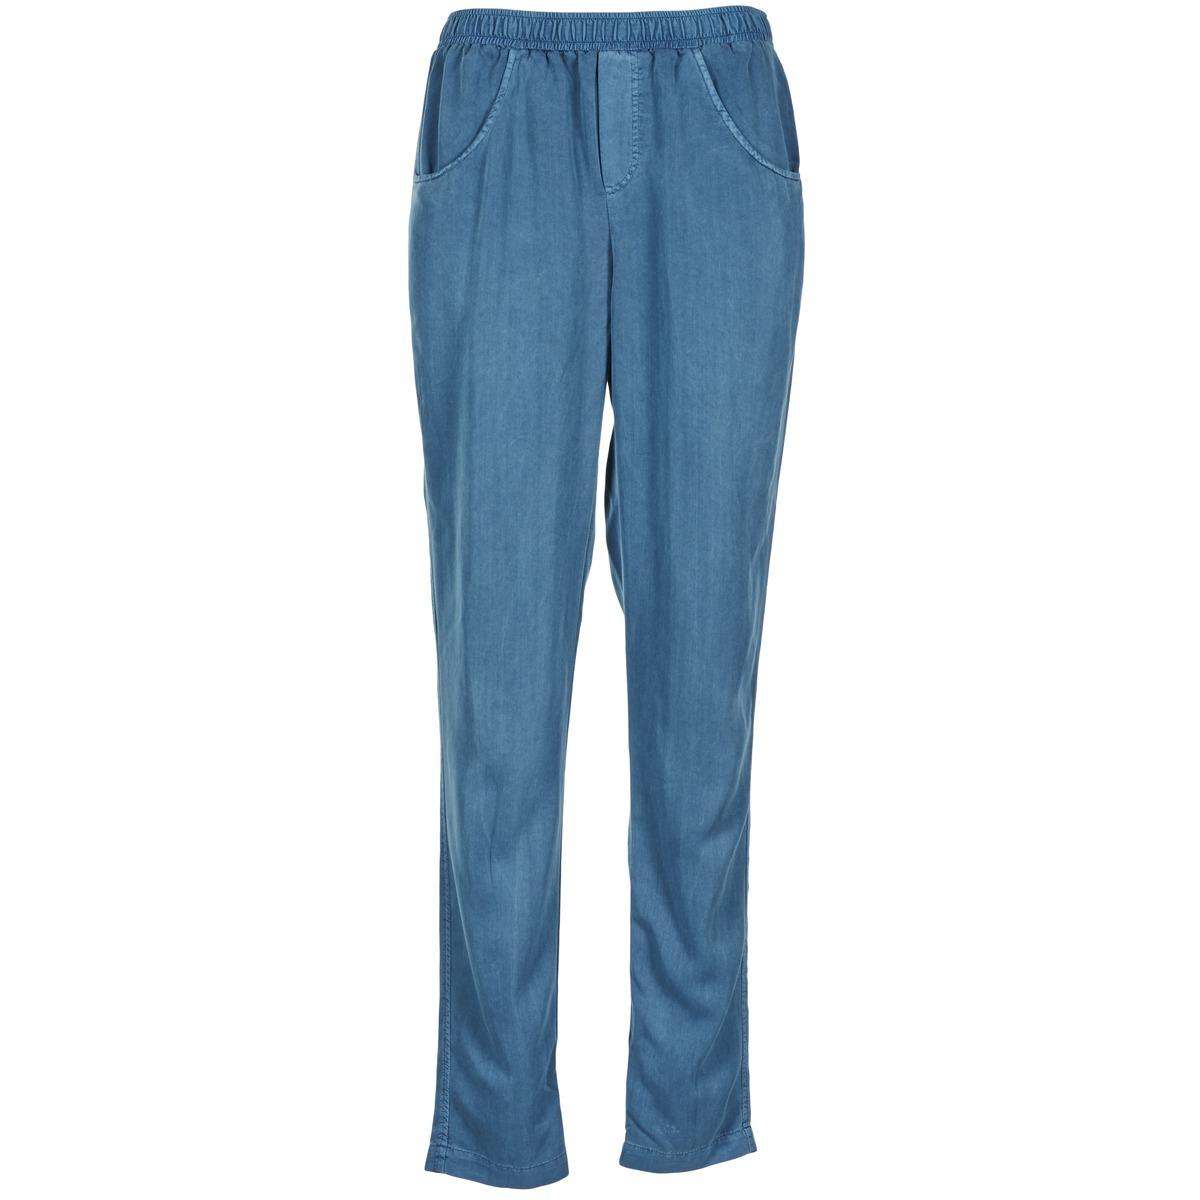 Pantalons fluides Vero Moda AMINA Bleu